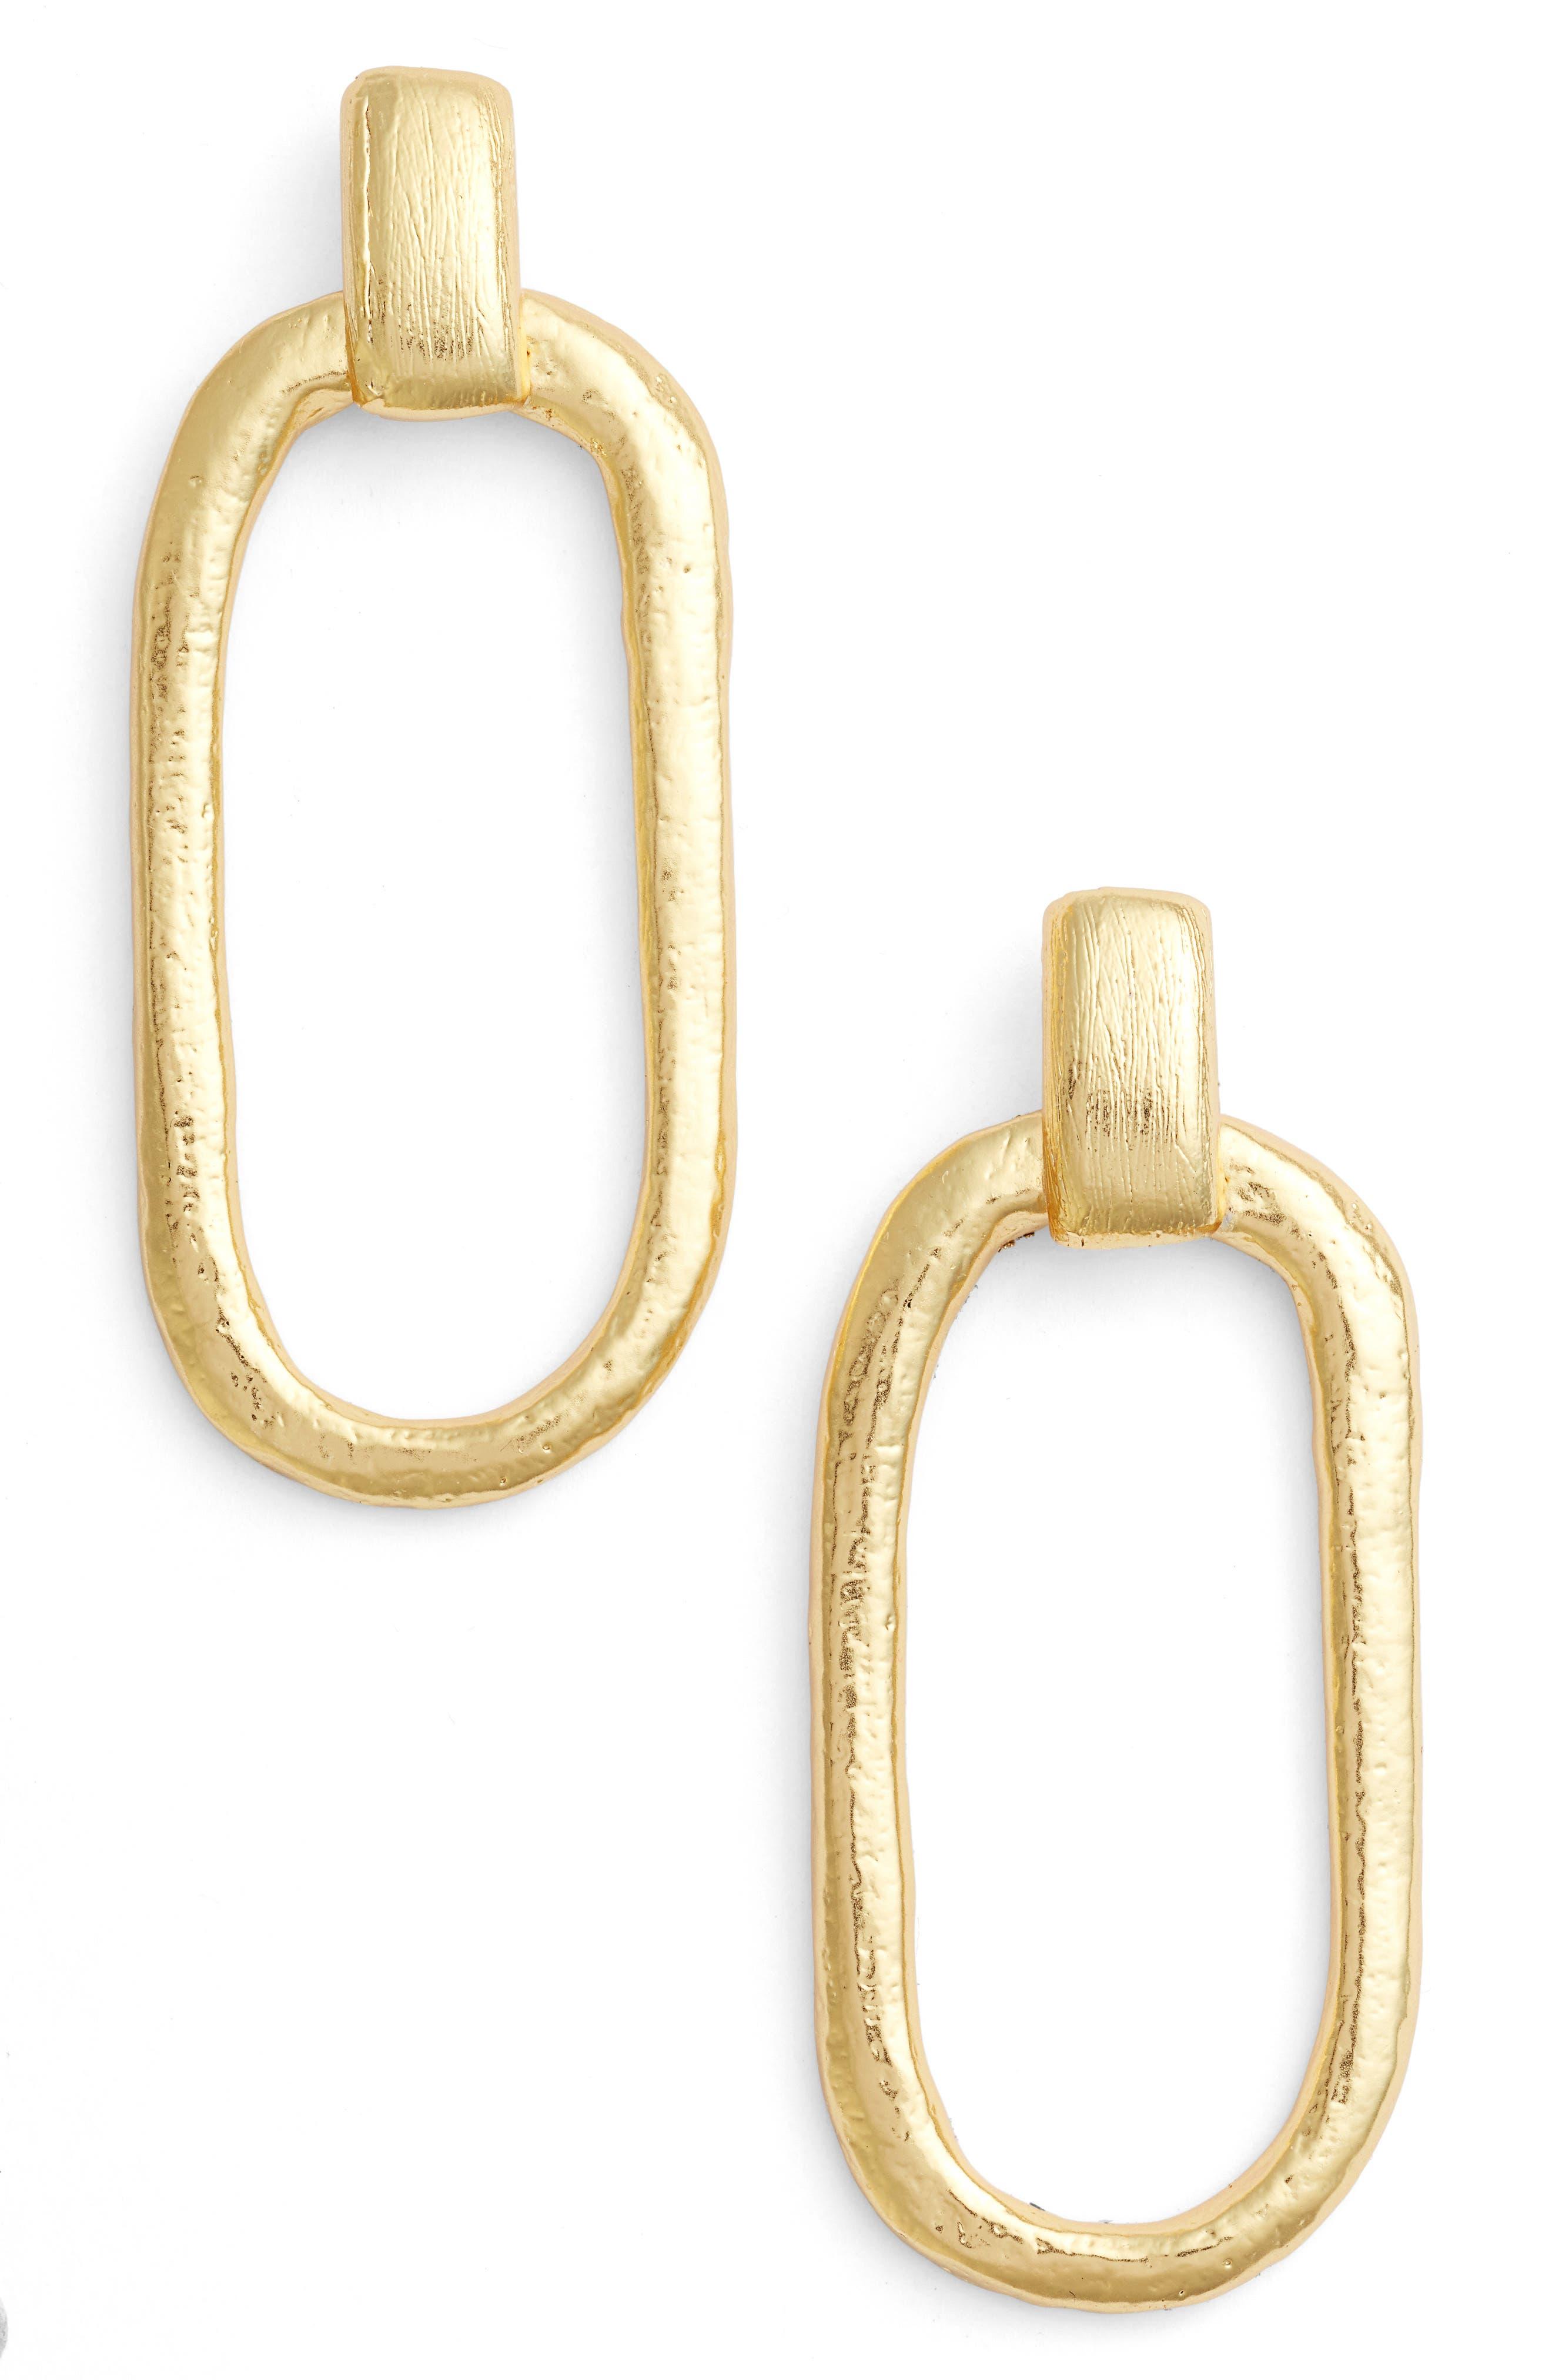 Doorknocker Earrings